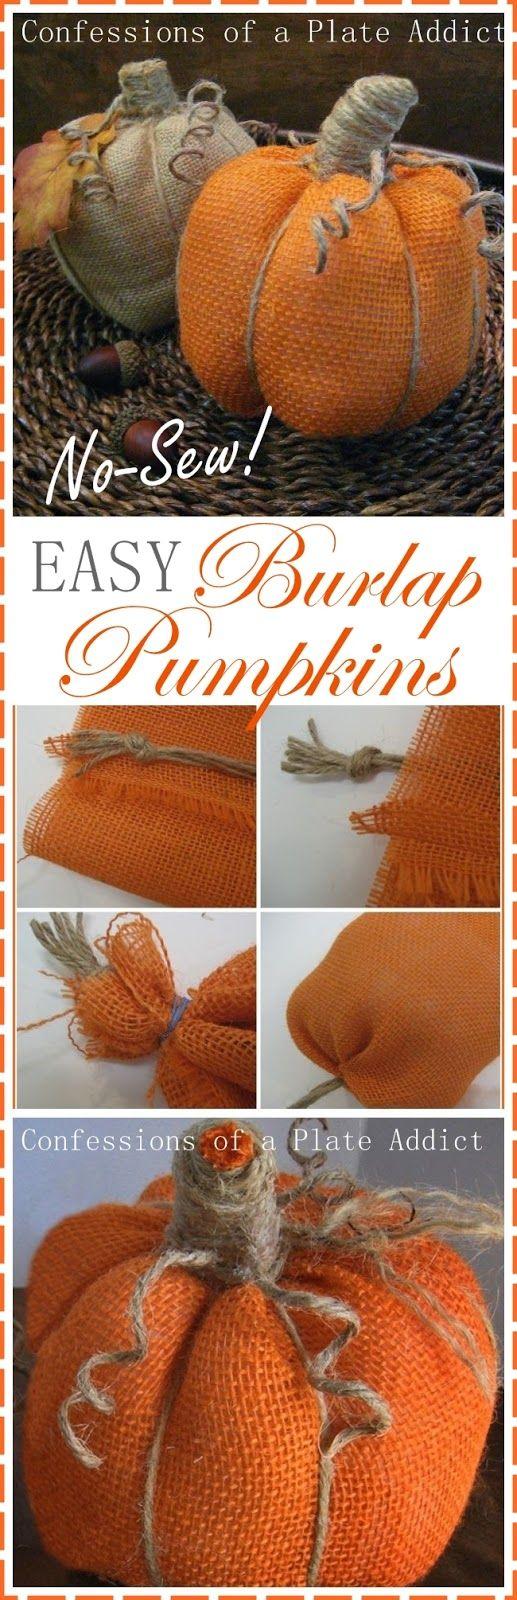 CONFESSIONS OF A PLATE ADDICT: Easy Burlap Pumpkins